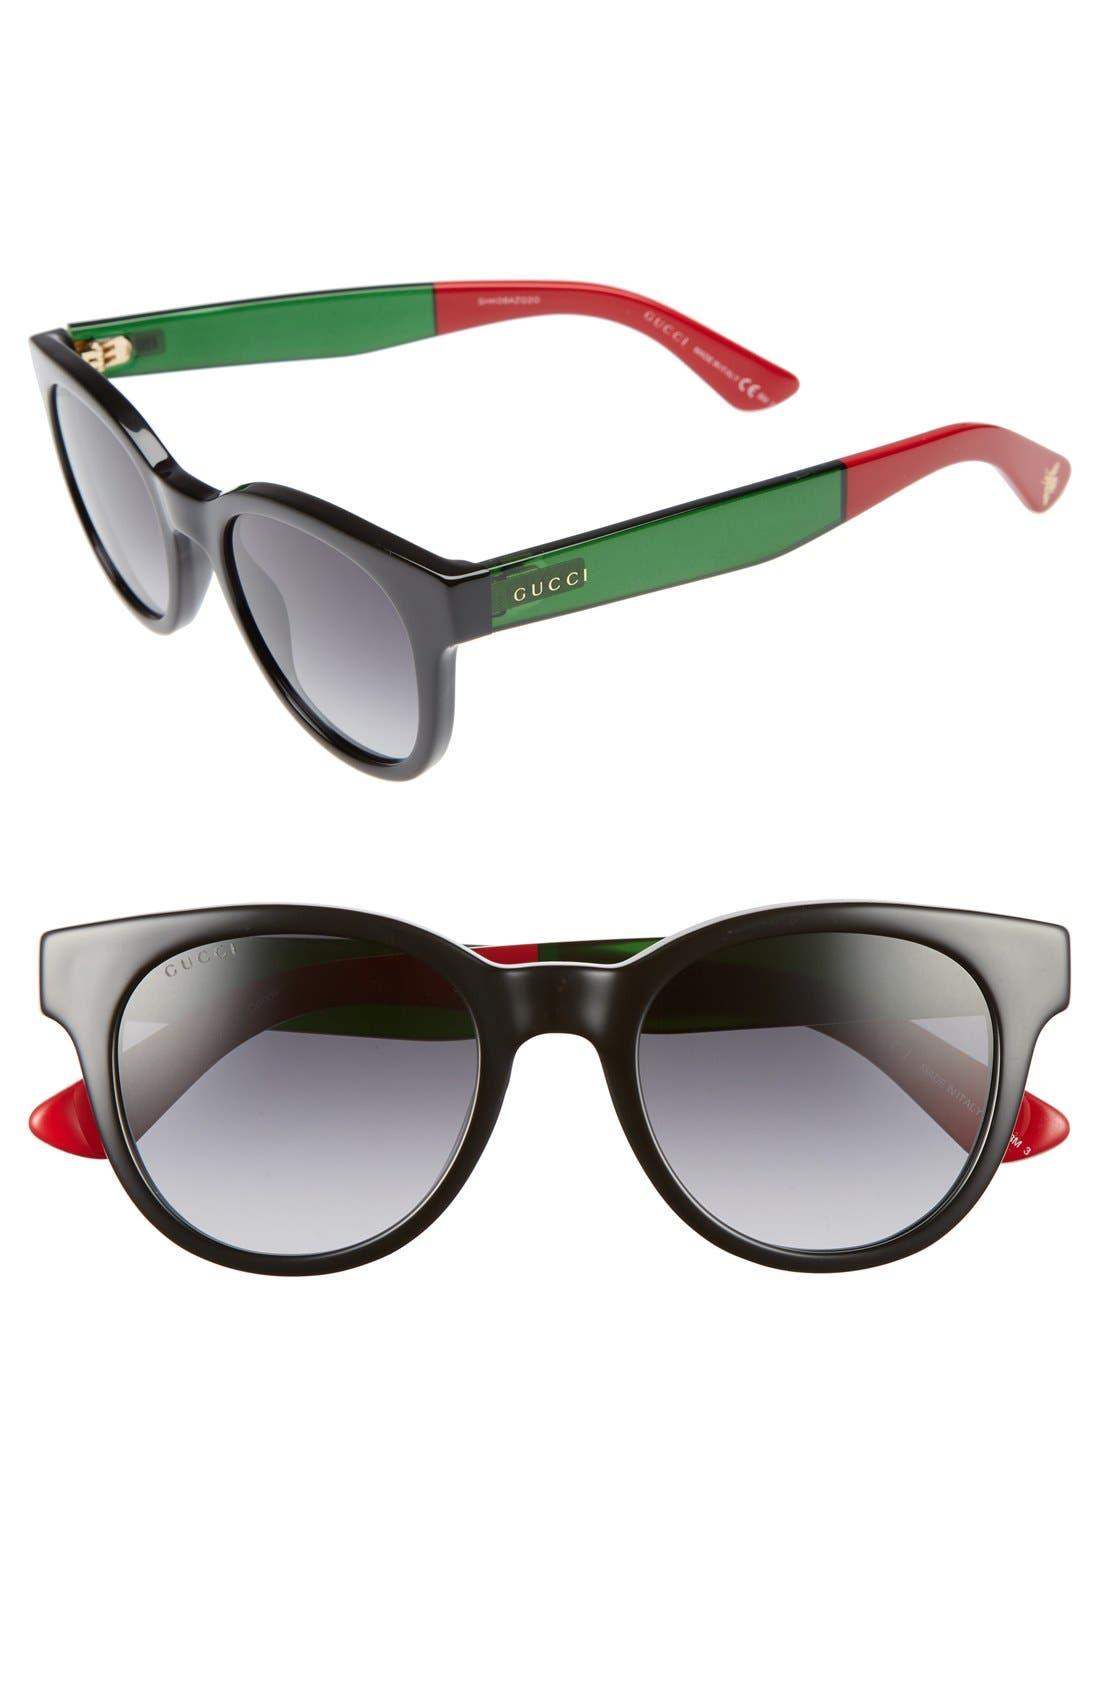 Main Image - Gucci Colorblock Sunglasses